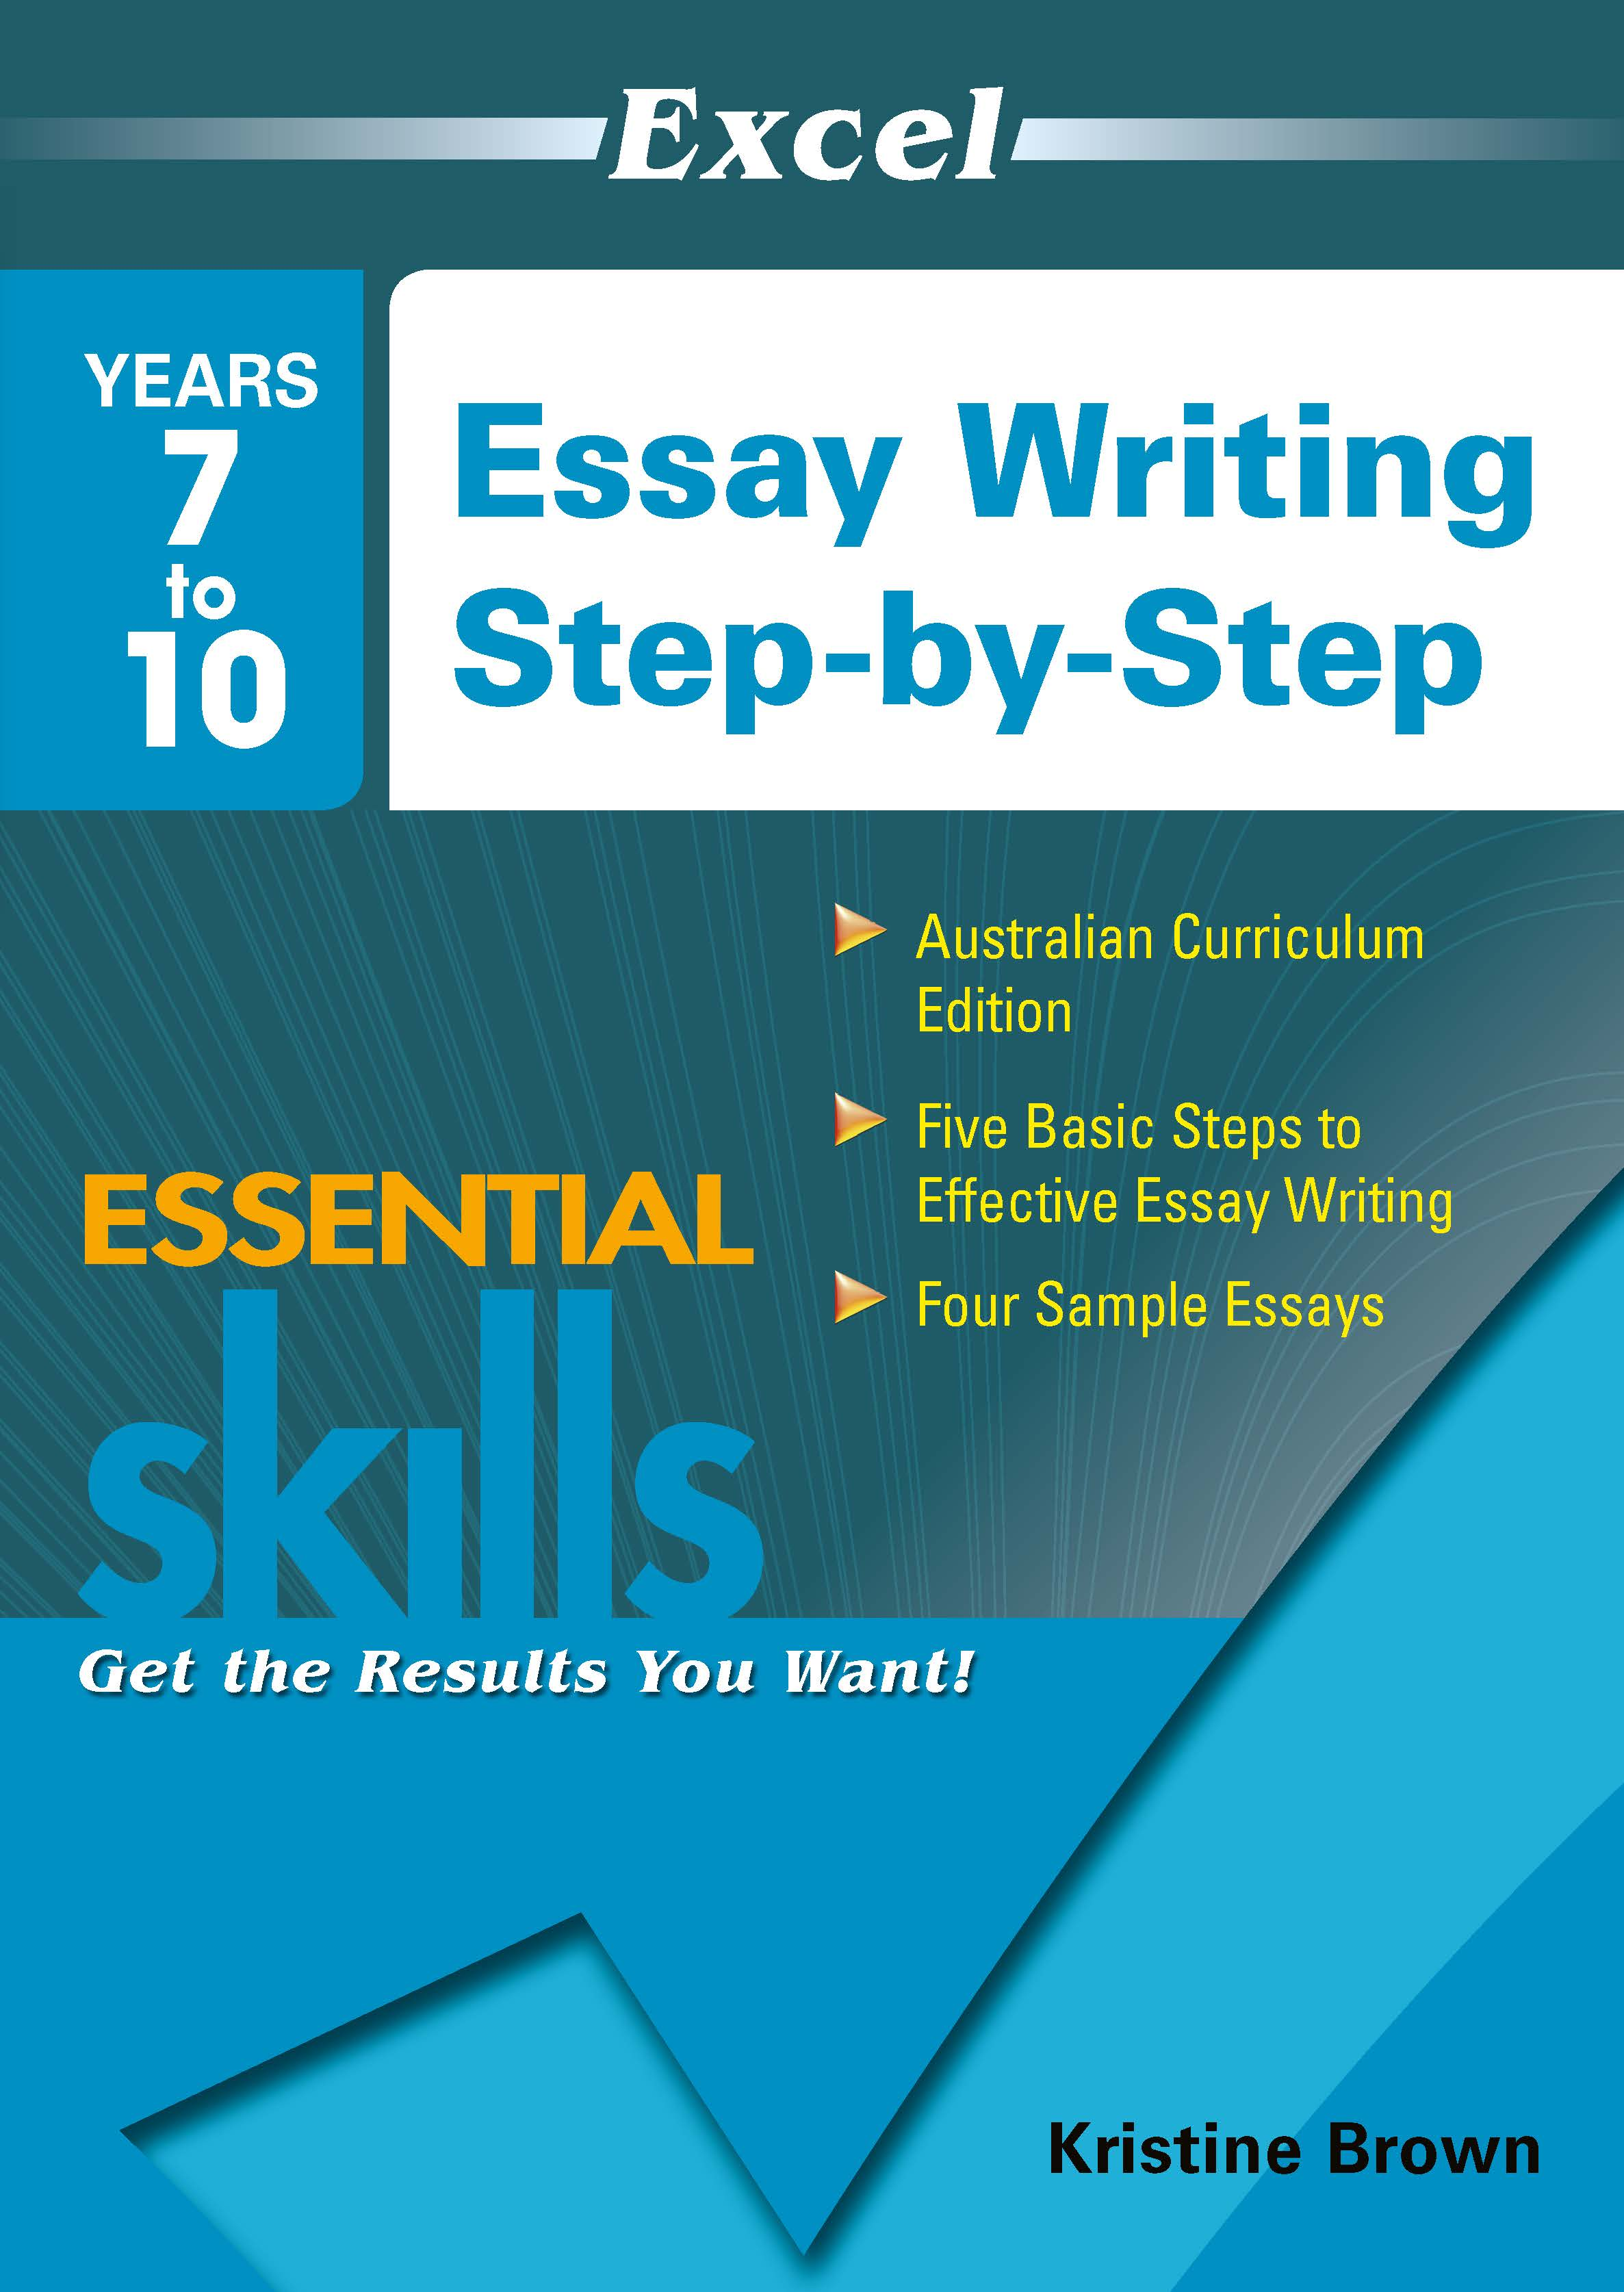 Excel Essential Skills Workbook: Essay Writing Step-by-Step Years 7-10